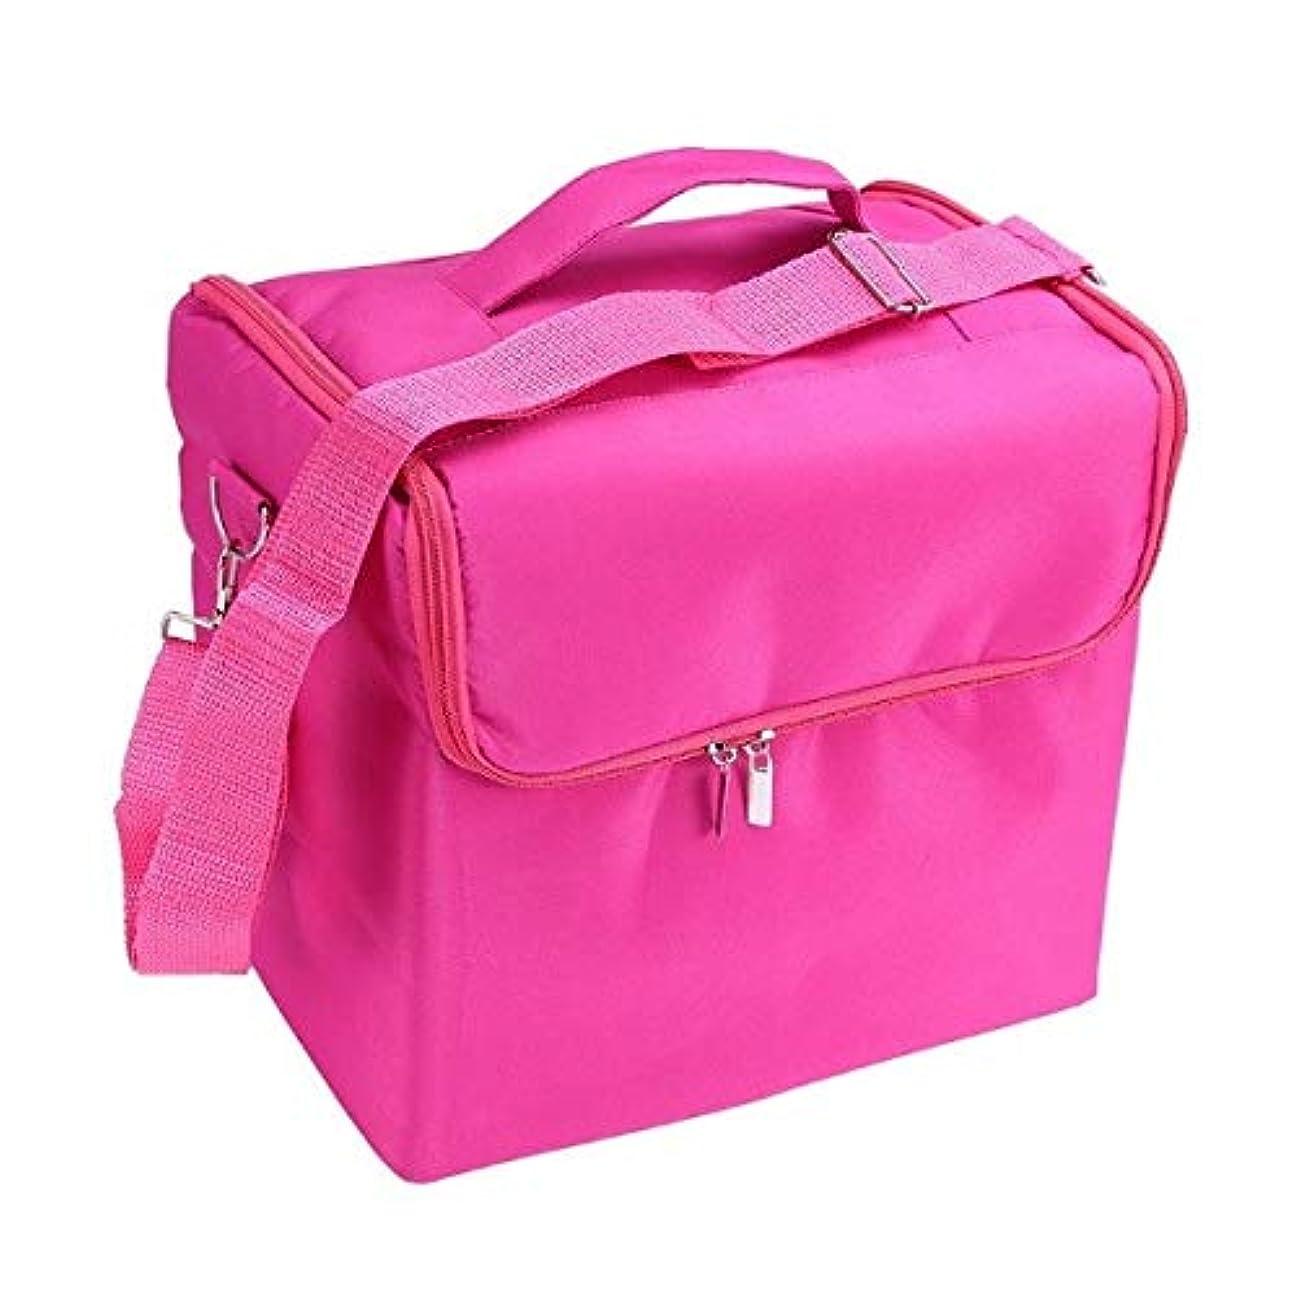 フォーム哀クレーター化粧品ケース、ローズレッド多層化粧品バッグ、ポータブル旅行多機能化粧品ケース、美容ネイルジュエリー収納ボックス